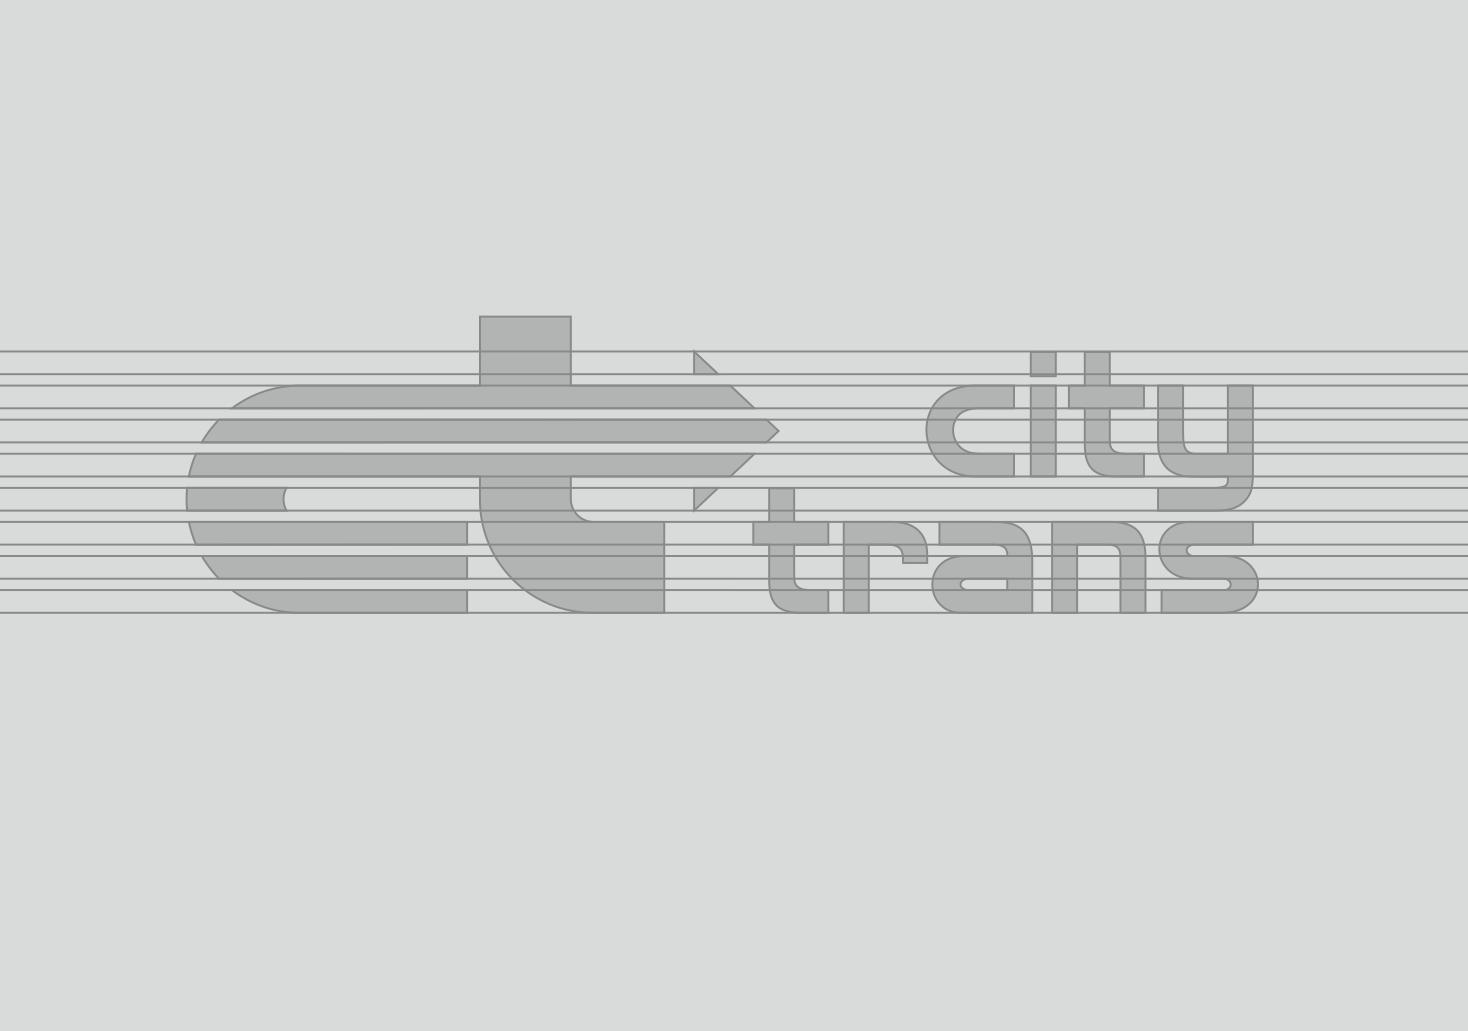 Разработка Логотипа транспортной компании фото f_4245e6dd7c3a2f8b.png